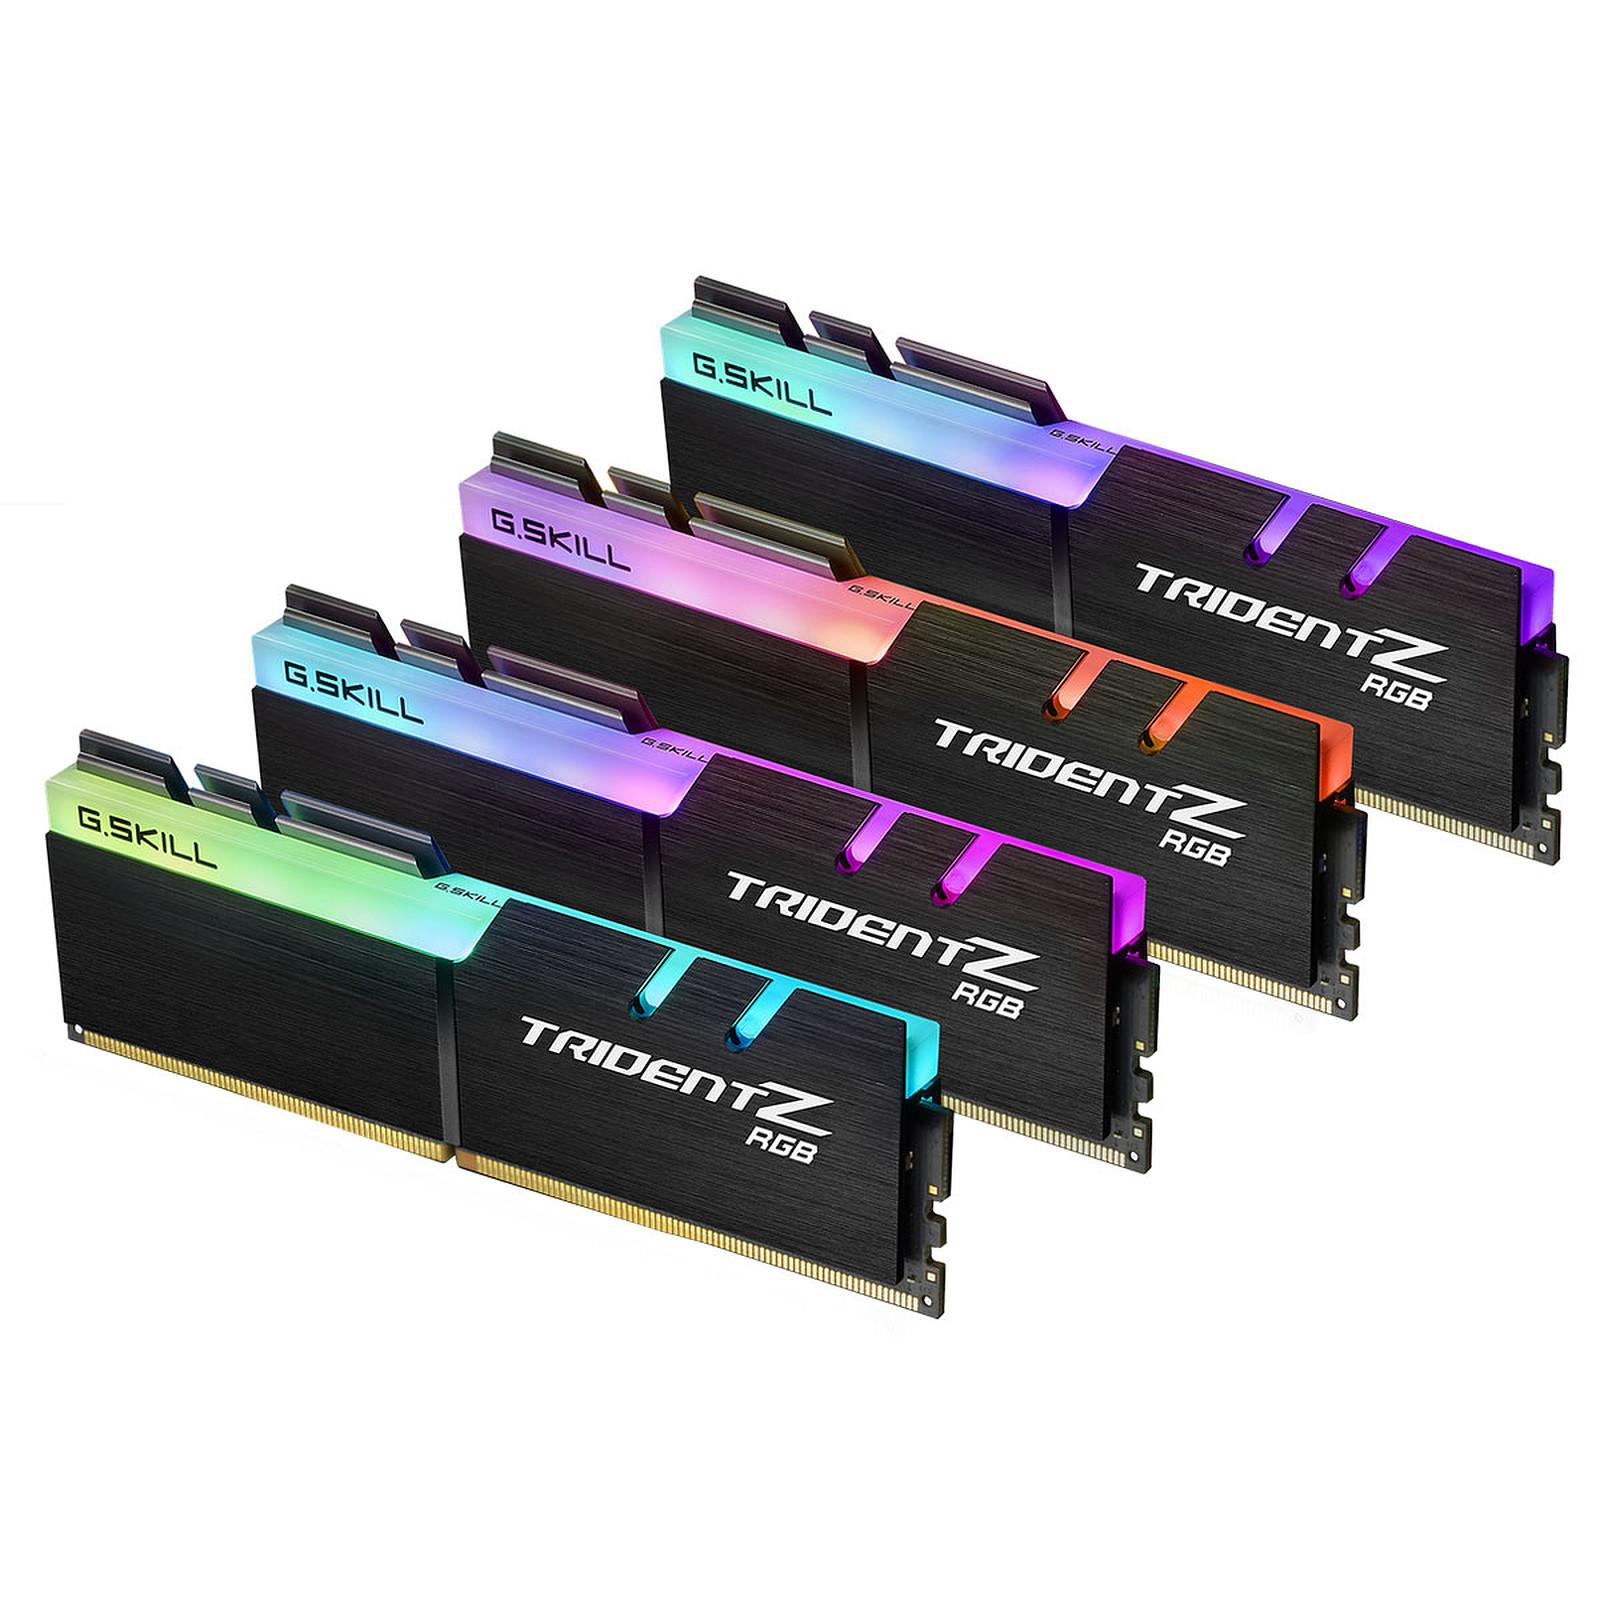 G.Skill Trident Z RGB 64 Go (4x 16 Go) DDR4 3600 MHz CL17